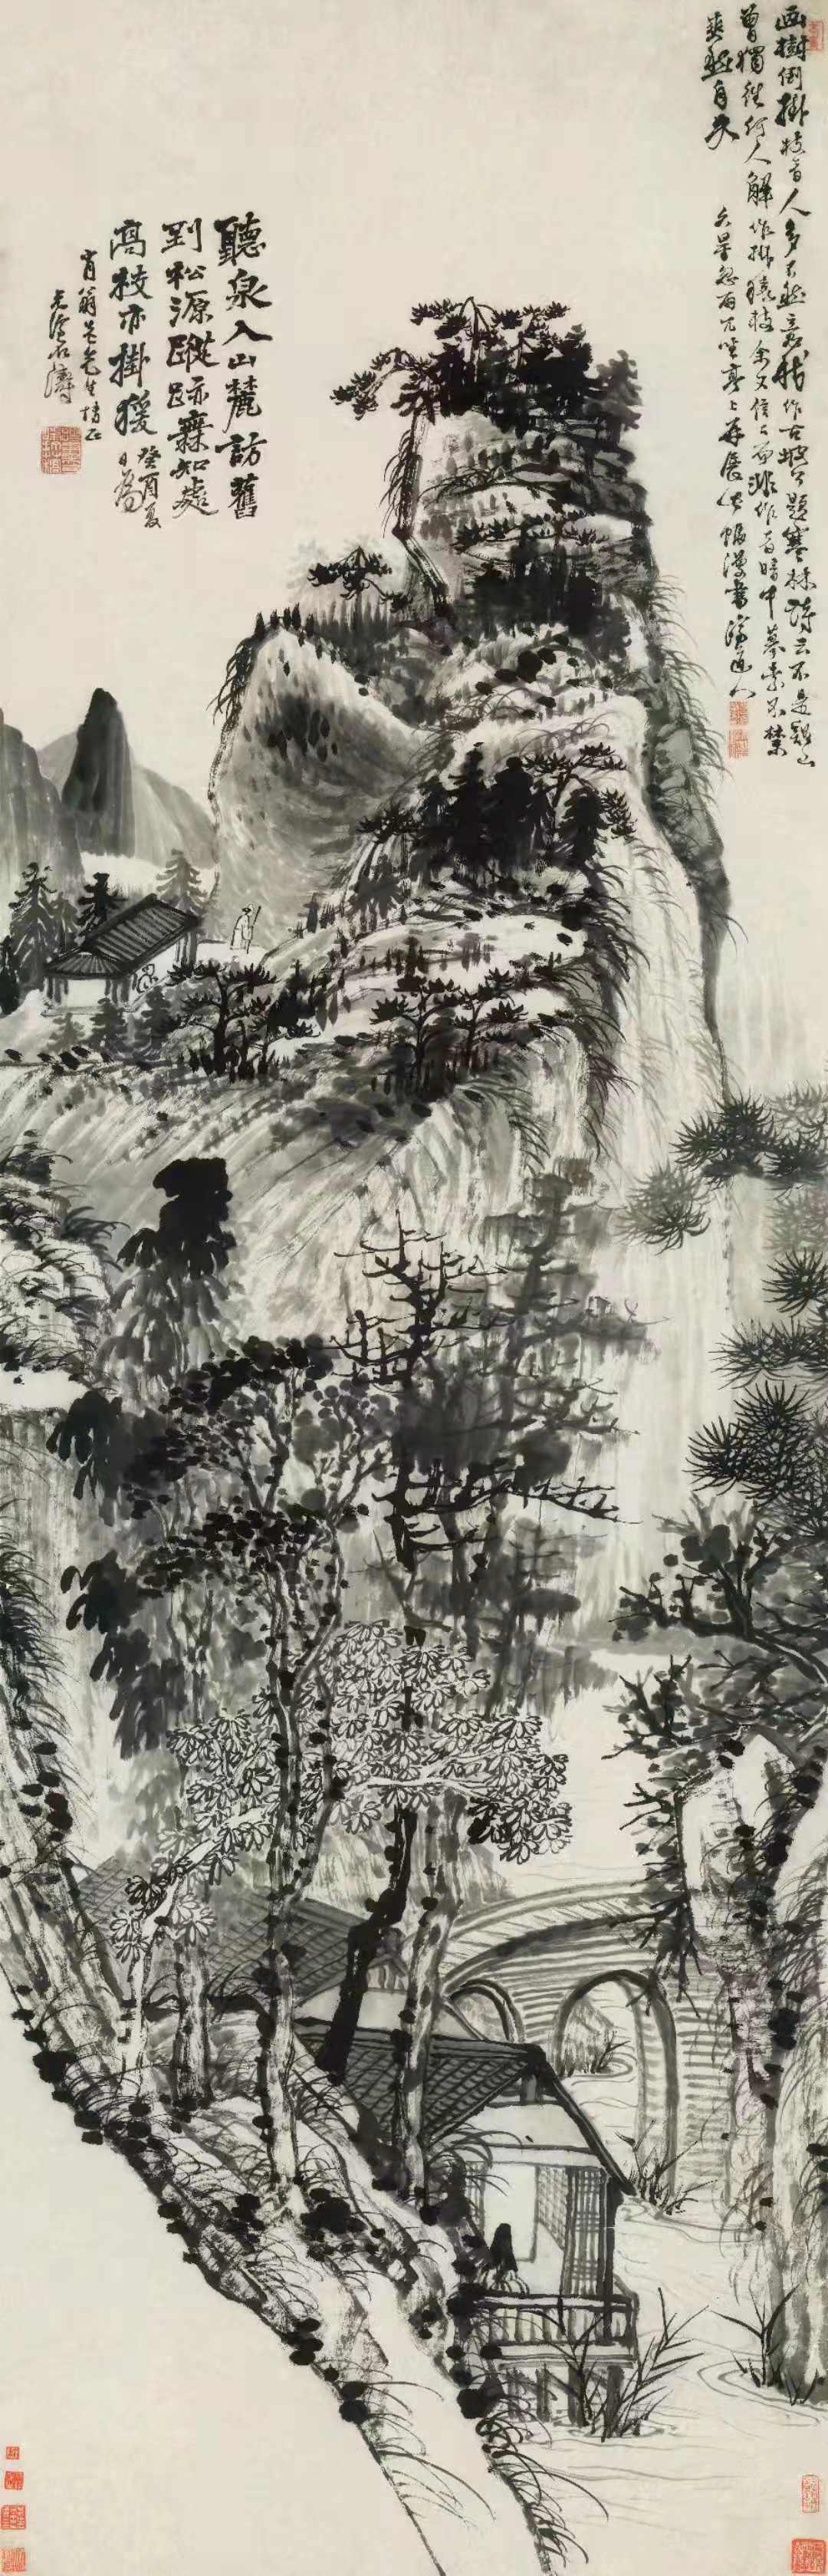 石濤巨制《山麓聽泉圖》在榮寶春拍1.2億元成交